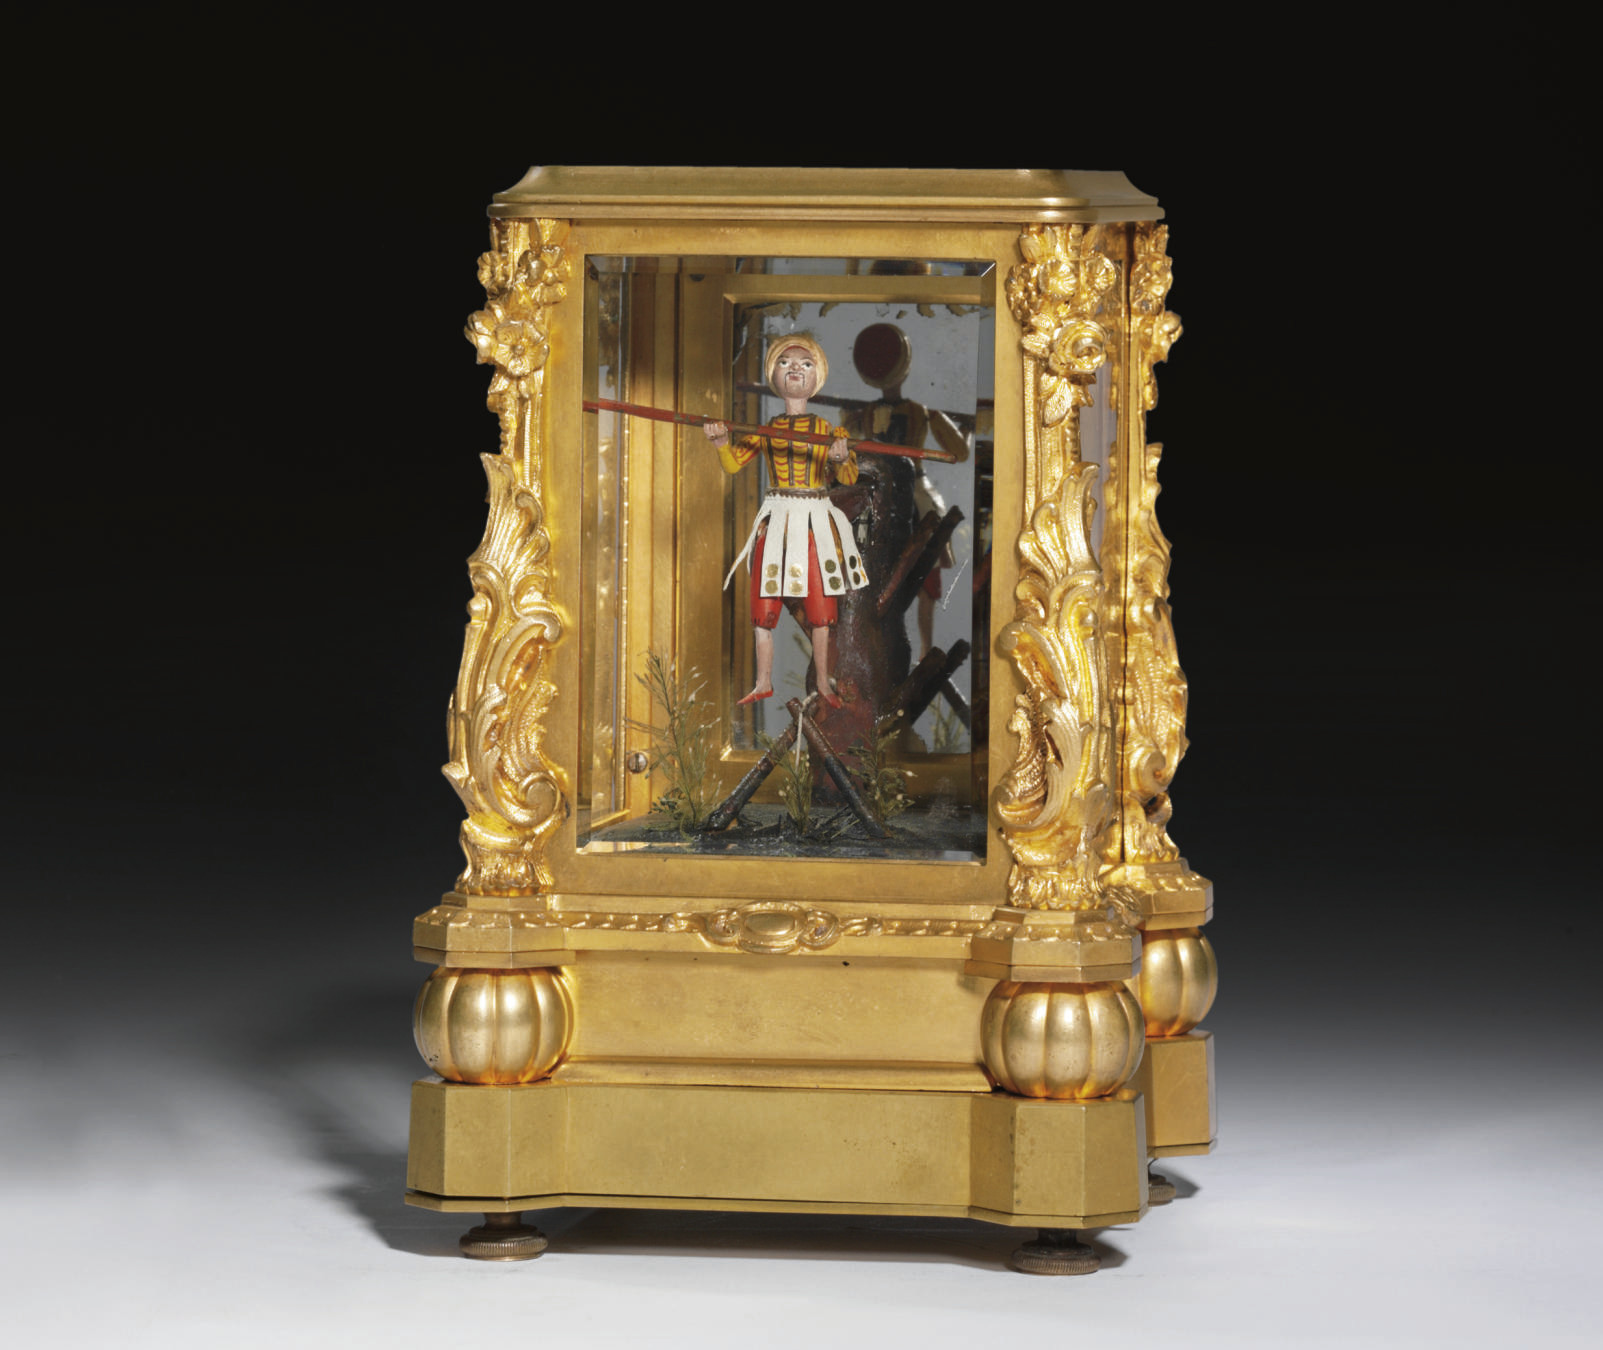 A French gilt-brass musical an